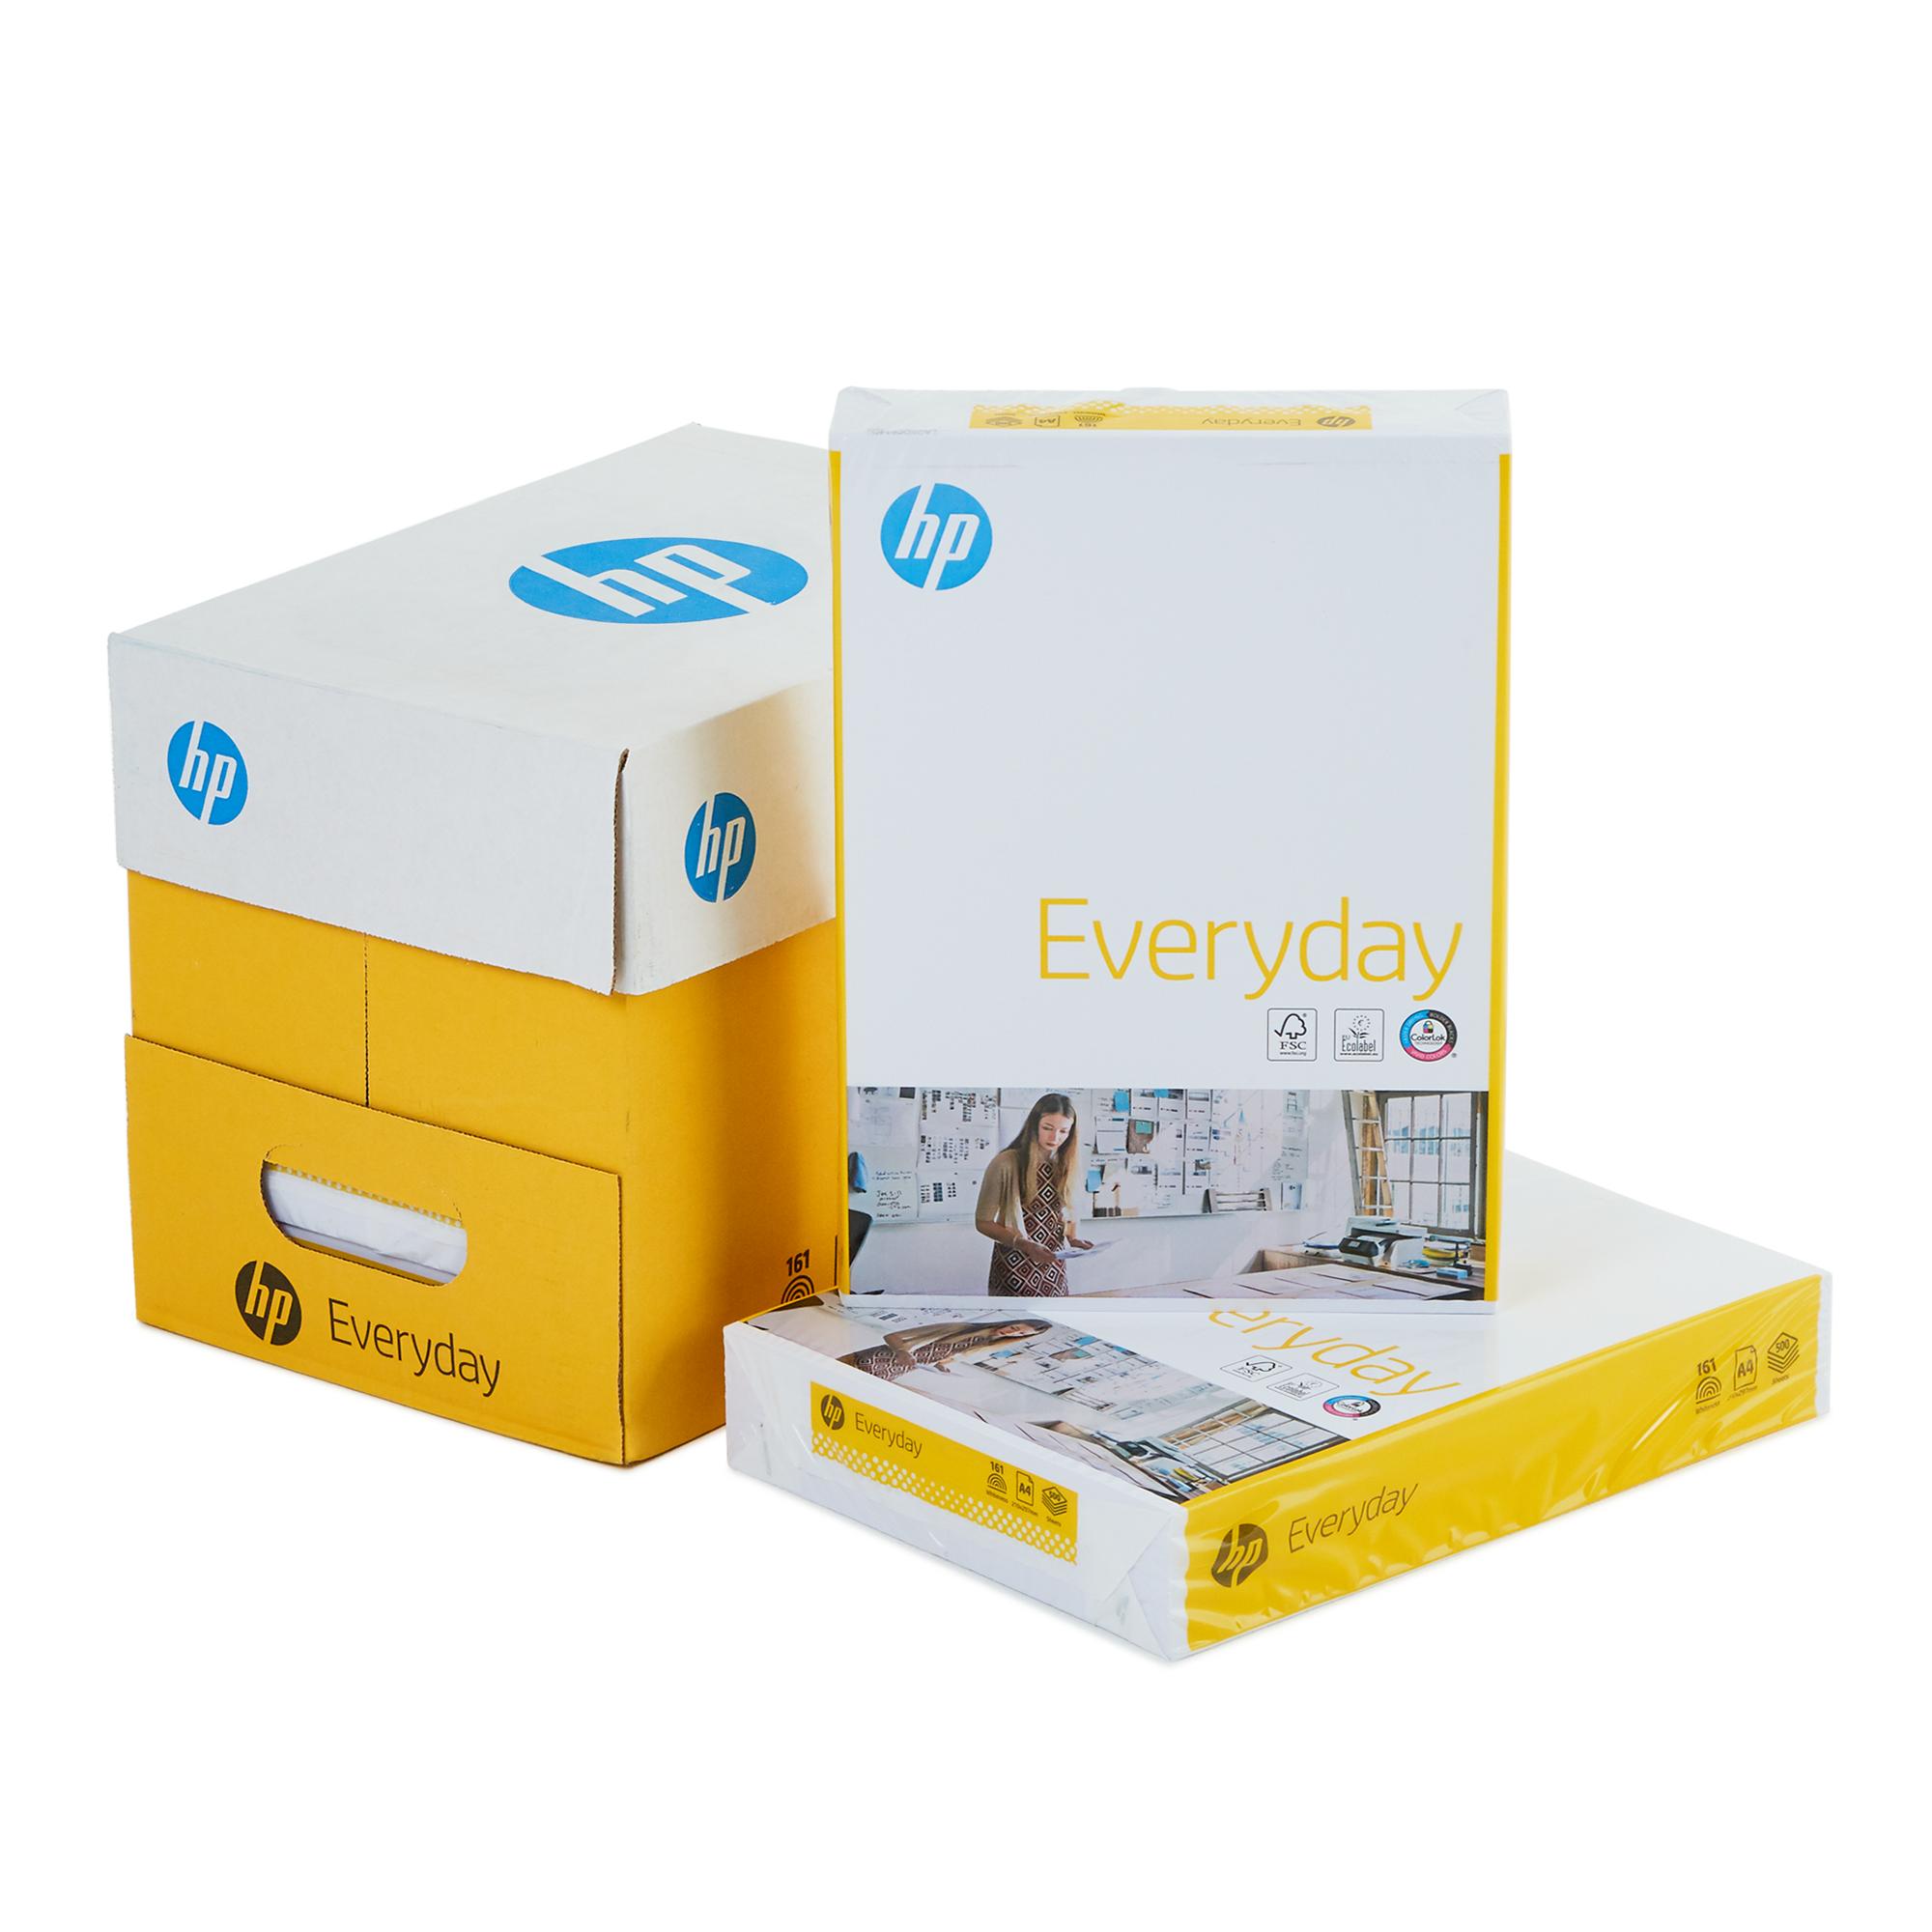 Hp everyday a4 paper, 1 carton, 500 sheets/ream, 80 gsm 5-reams/1 carton